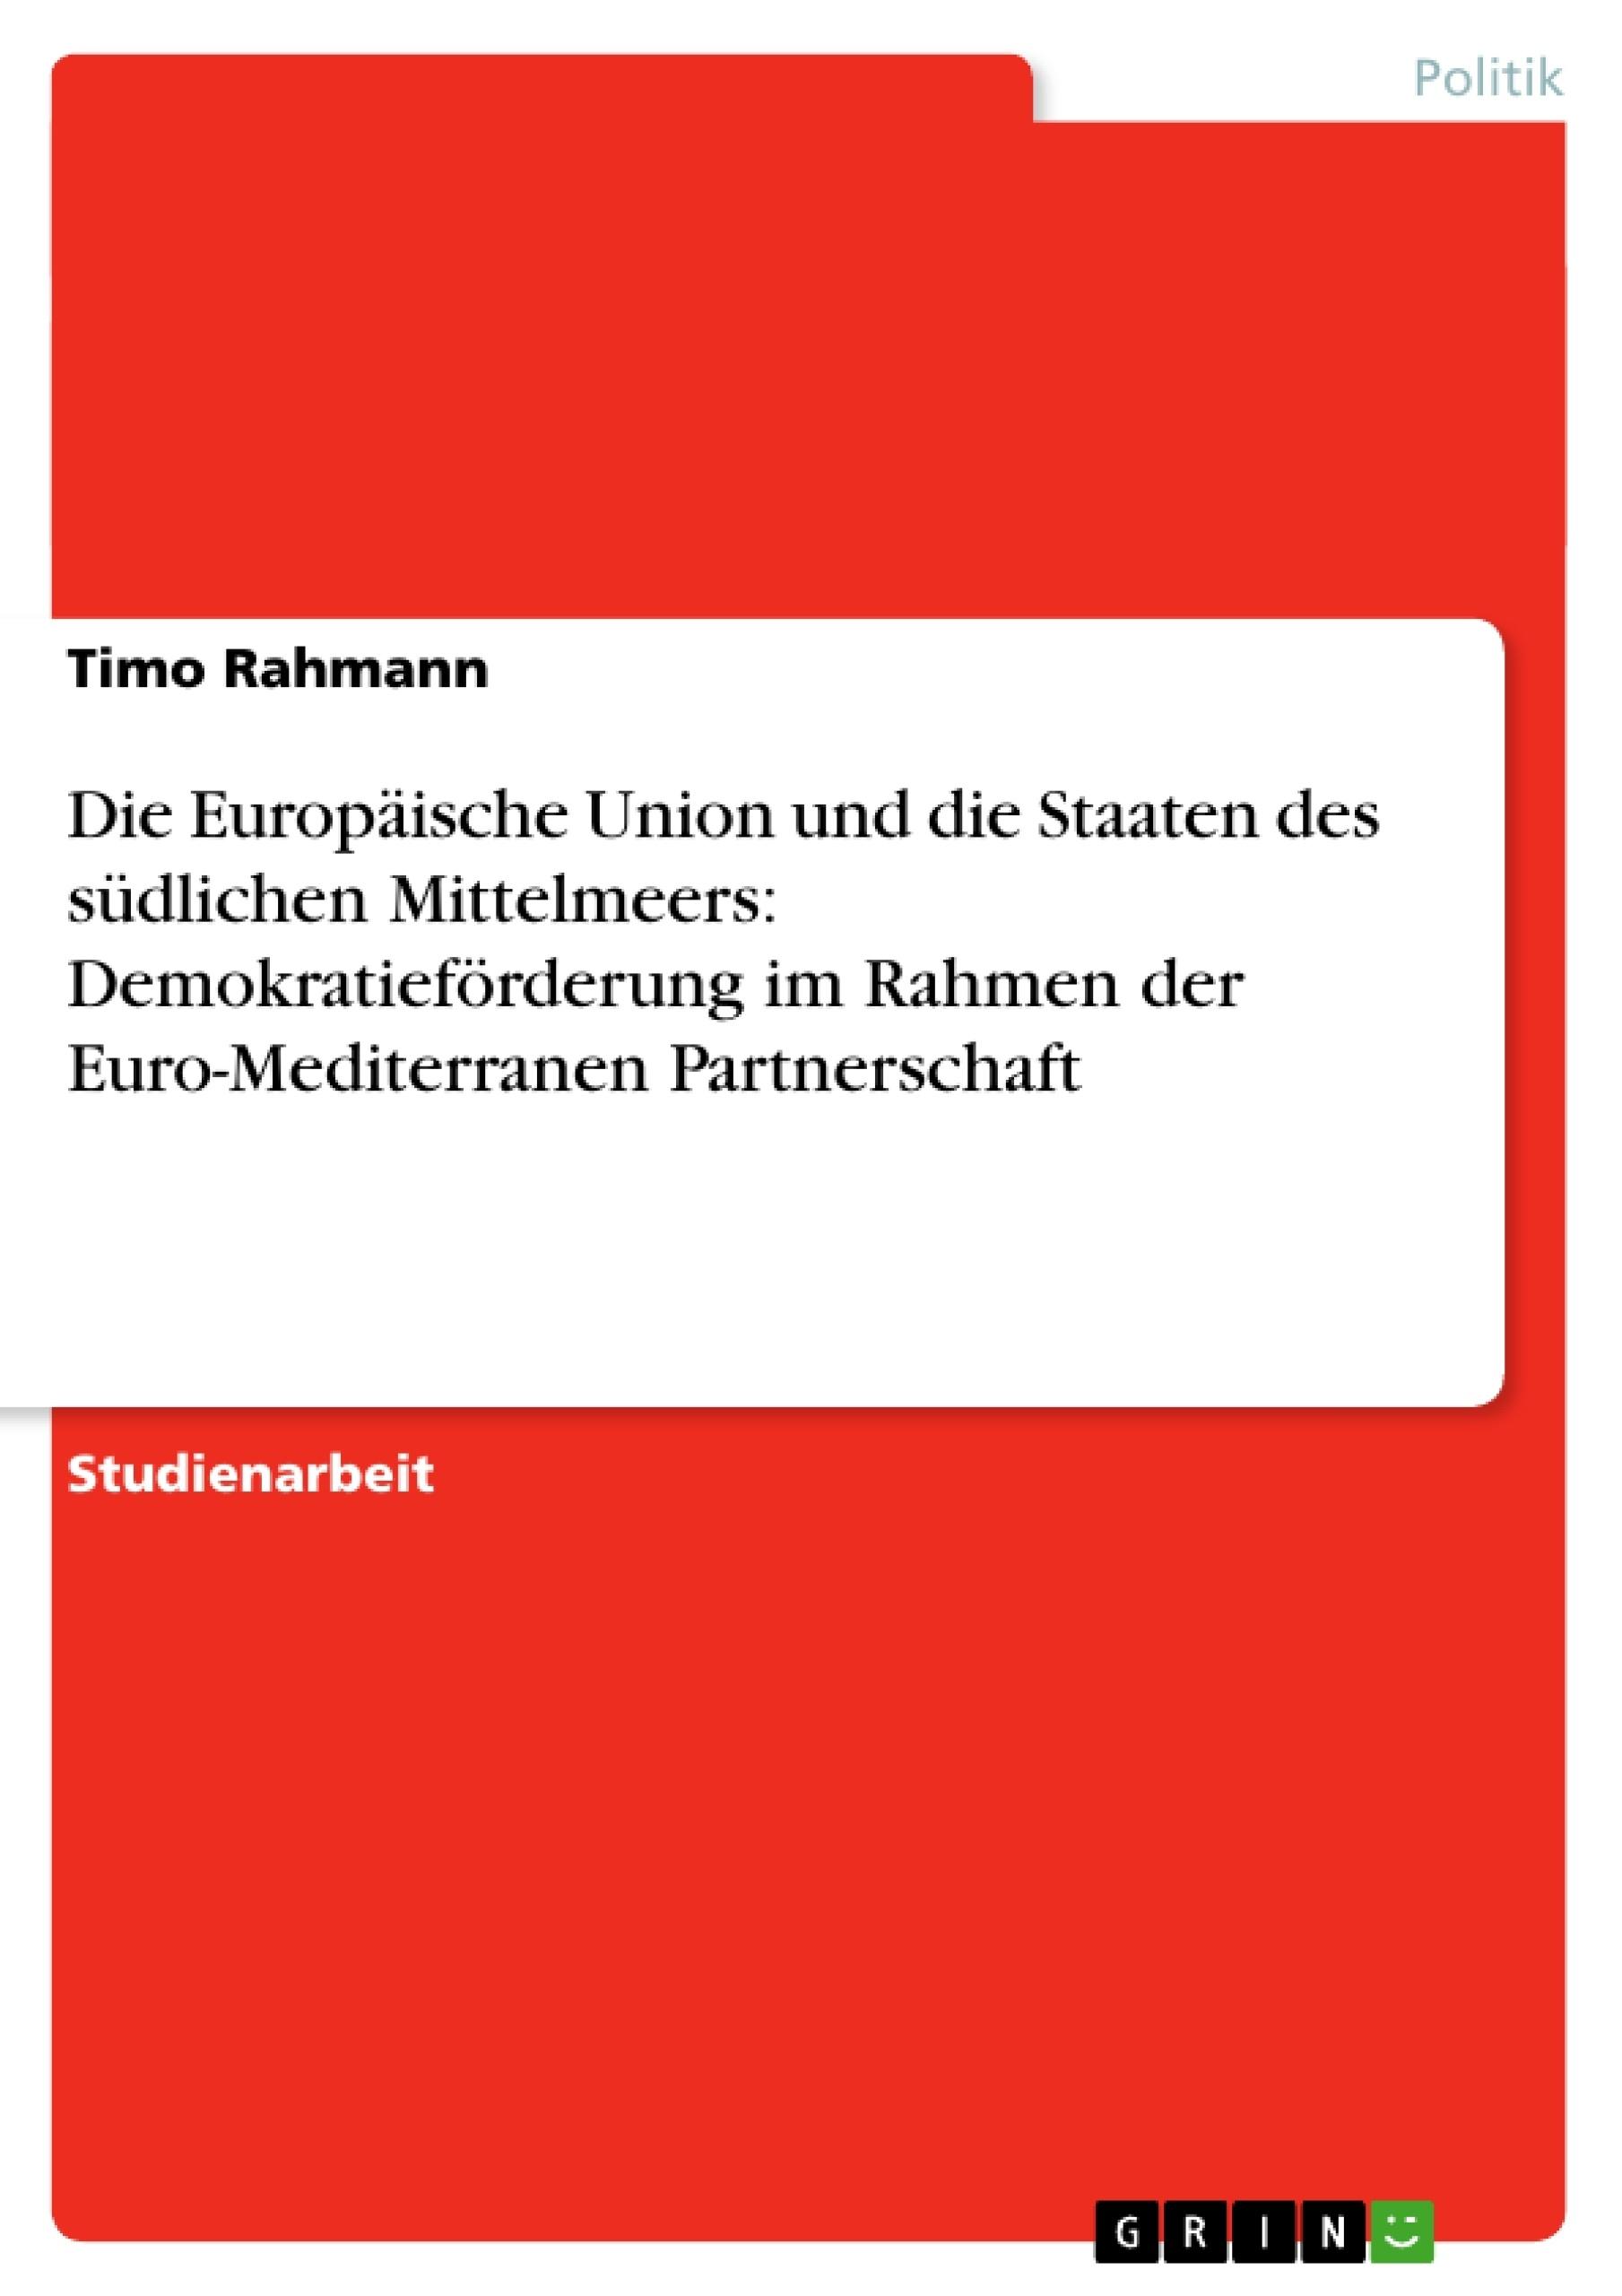 Titel: Die Europäische Union und die Staaten des südlichen Mittelmeers: Demokratieförderung im Rahmen der Euro-Mediterranen Partnerschaft